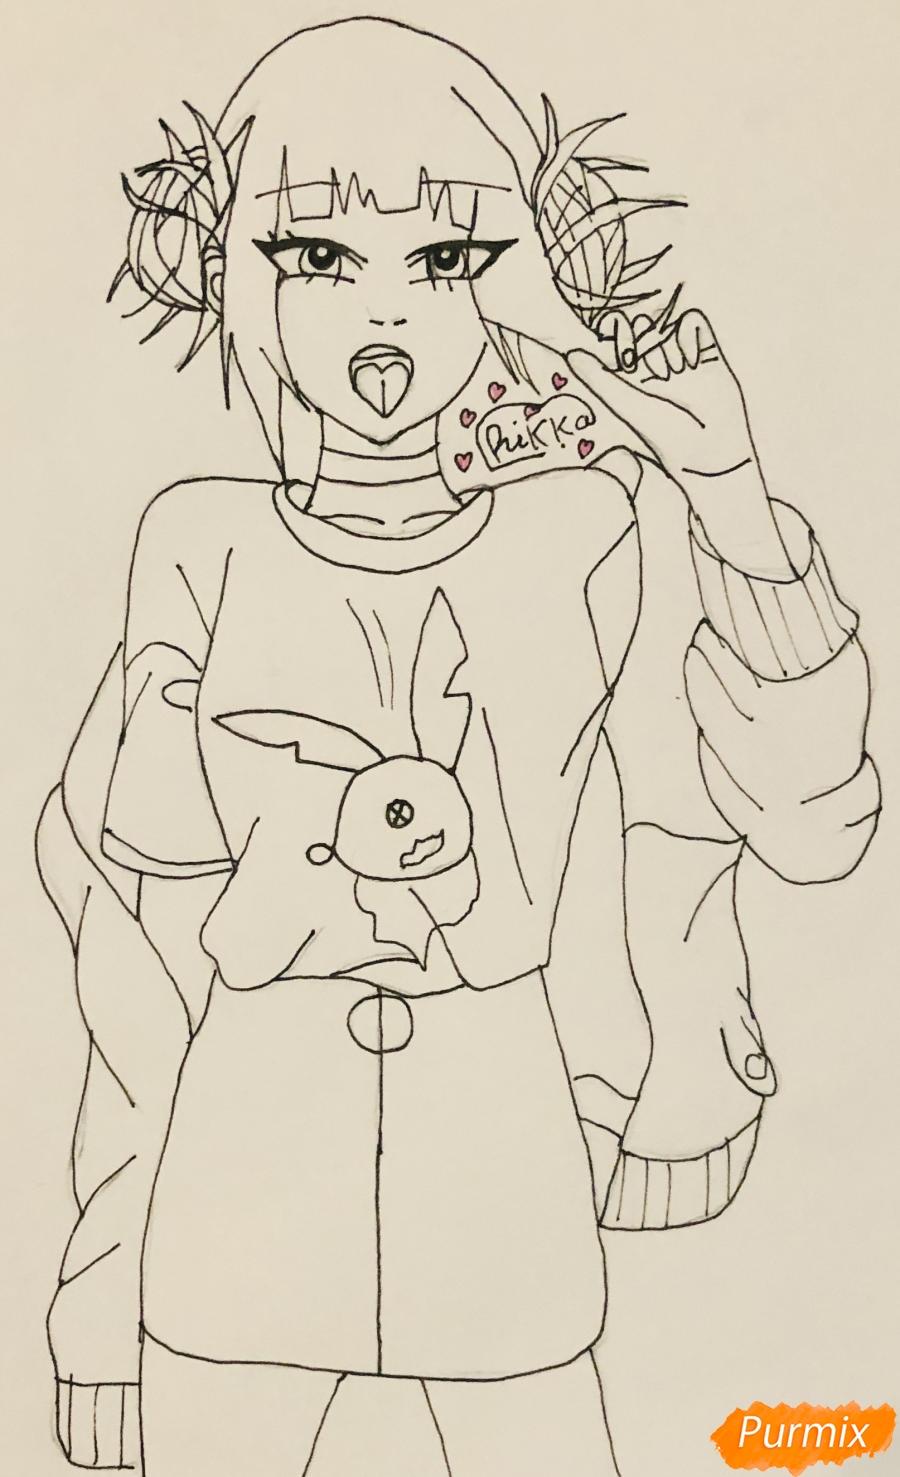 Рисуем Тогу Химико из аниме Моя Геройская Академия - шаг 5